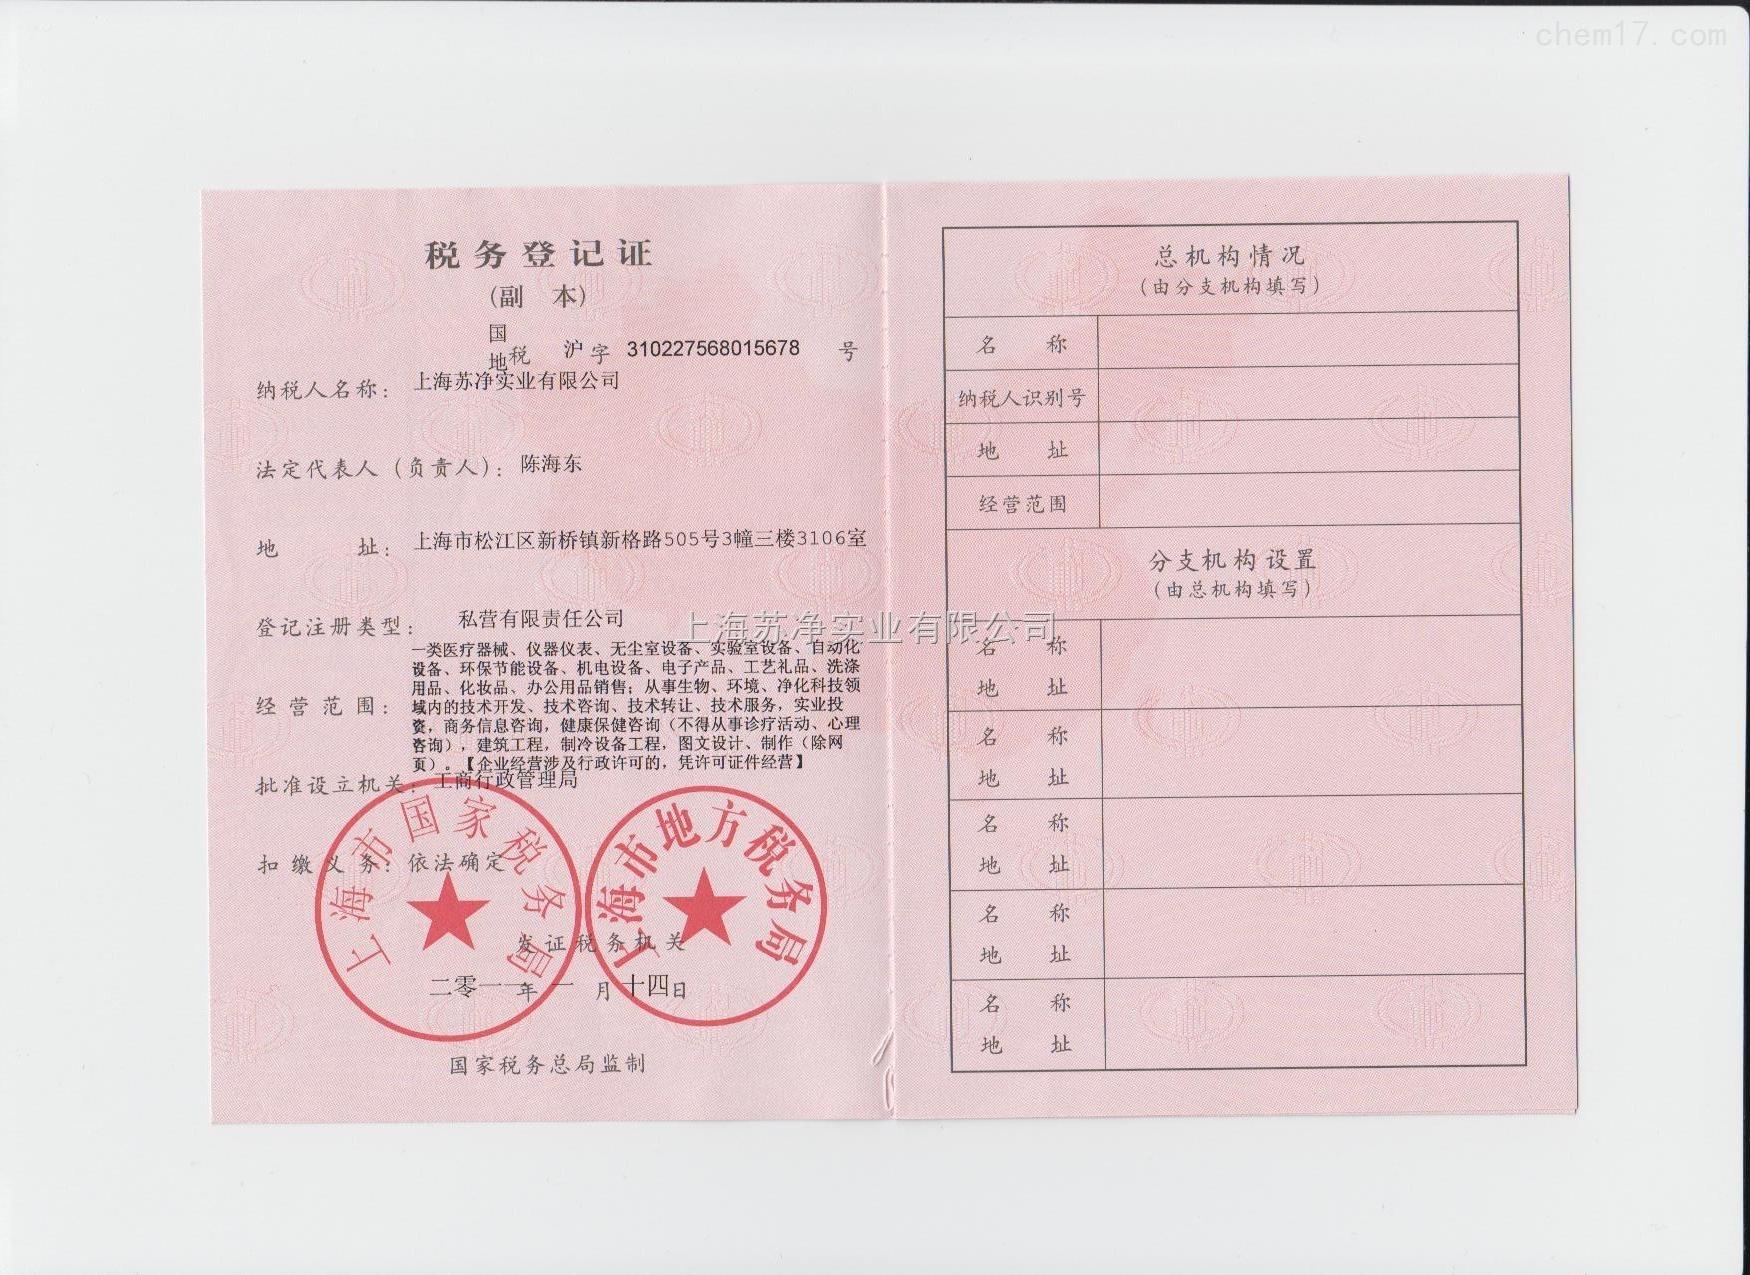 上海滬凈實業有限公司